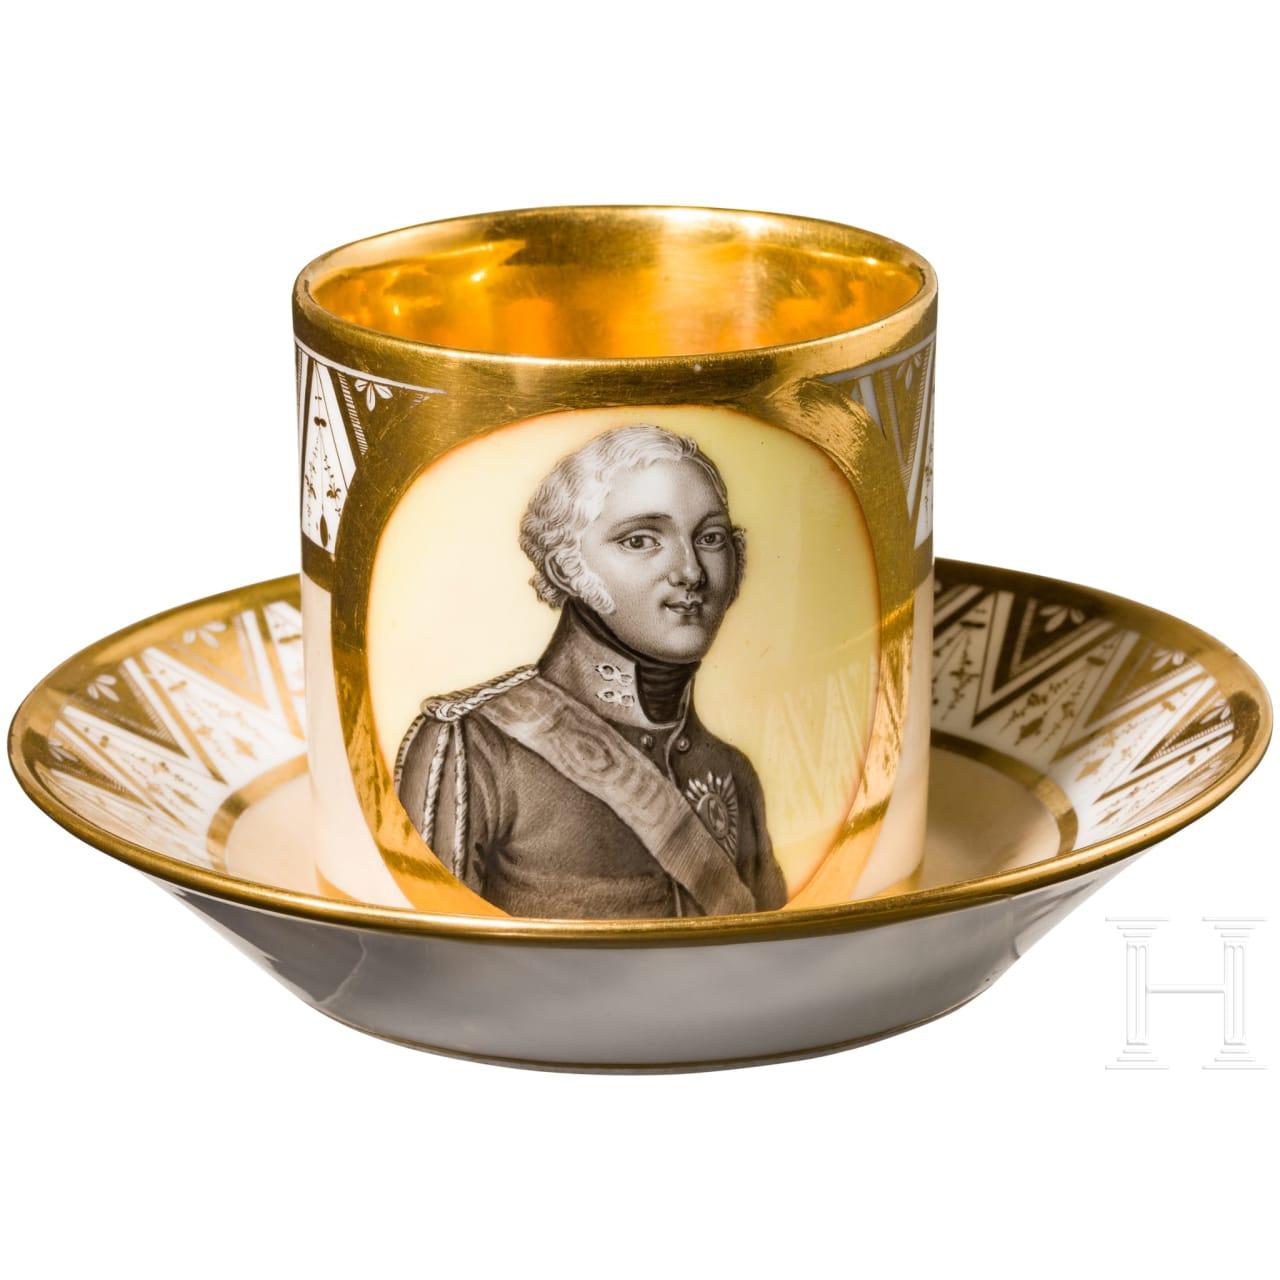 Kaffeetasse mit handgemaltem Portrait des Zaren Alexander I., komplett mit Untertasse, russische Porzellanmanufaktur Safronov, erstes Drittel 19. Jhdt.